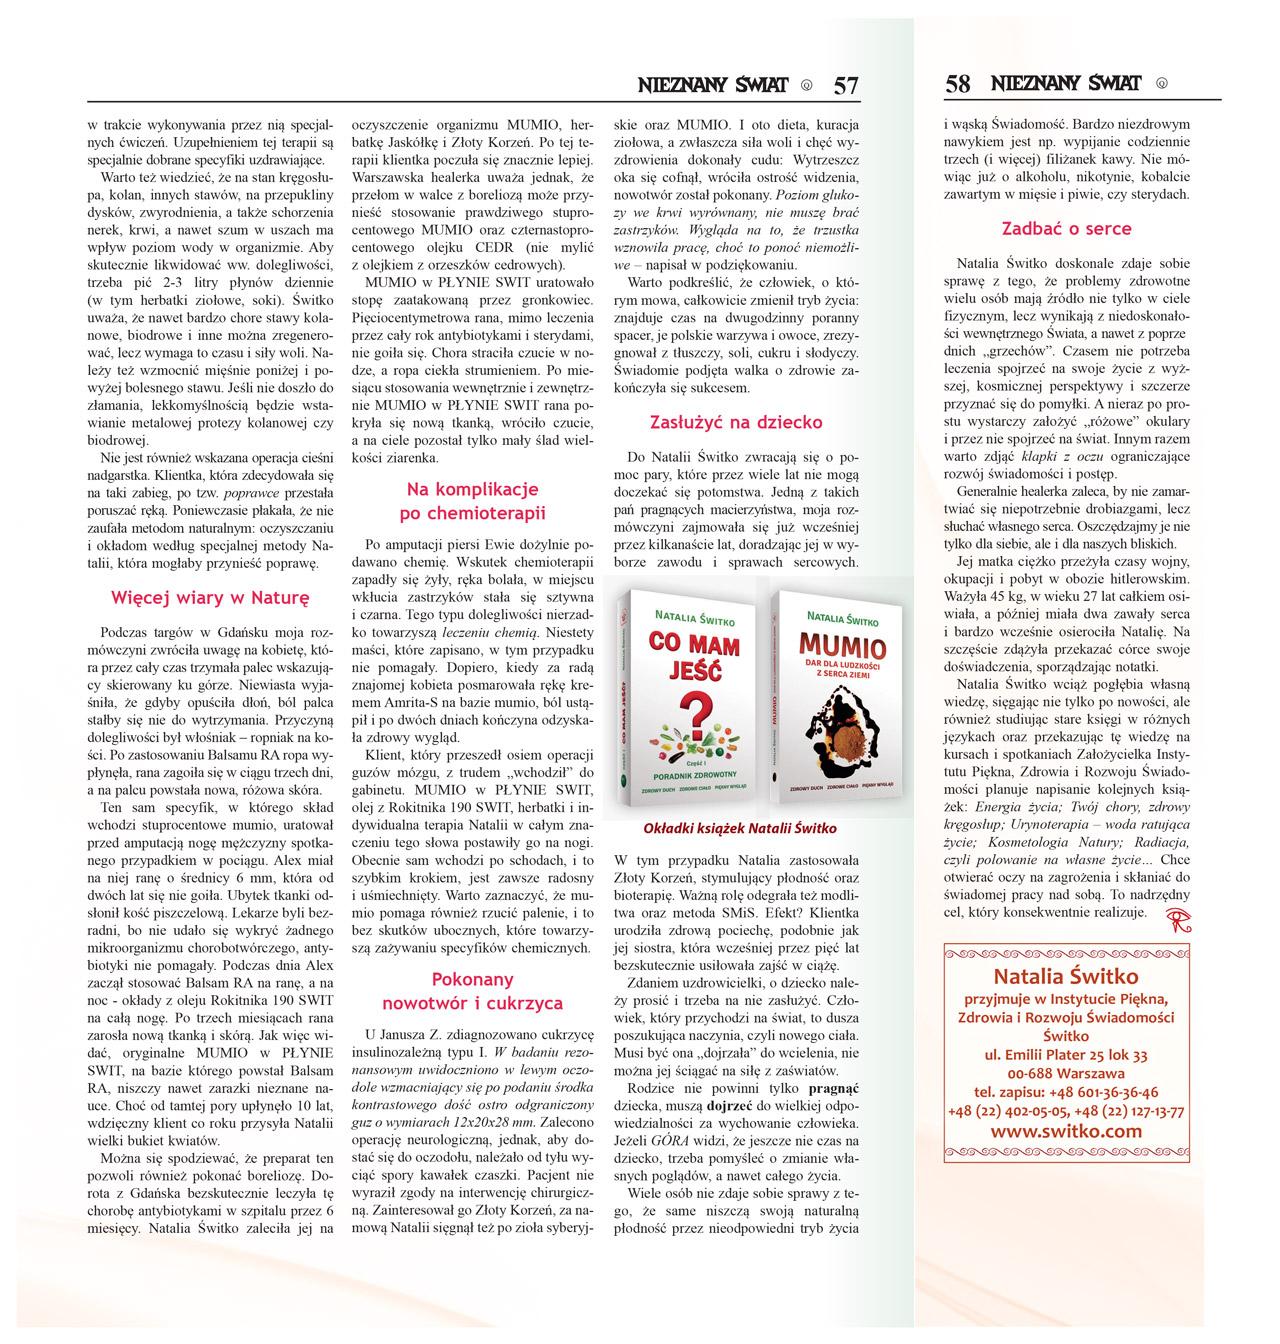 Artykuł Nieznany Świat 2016/02 - Natalia Switko. Strona 4.